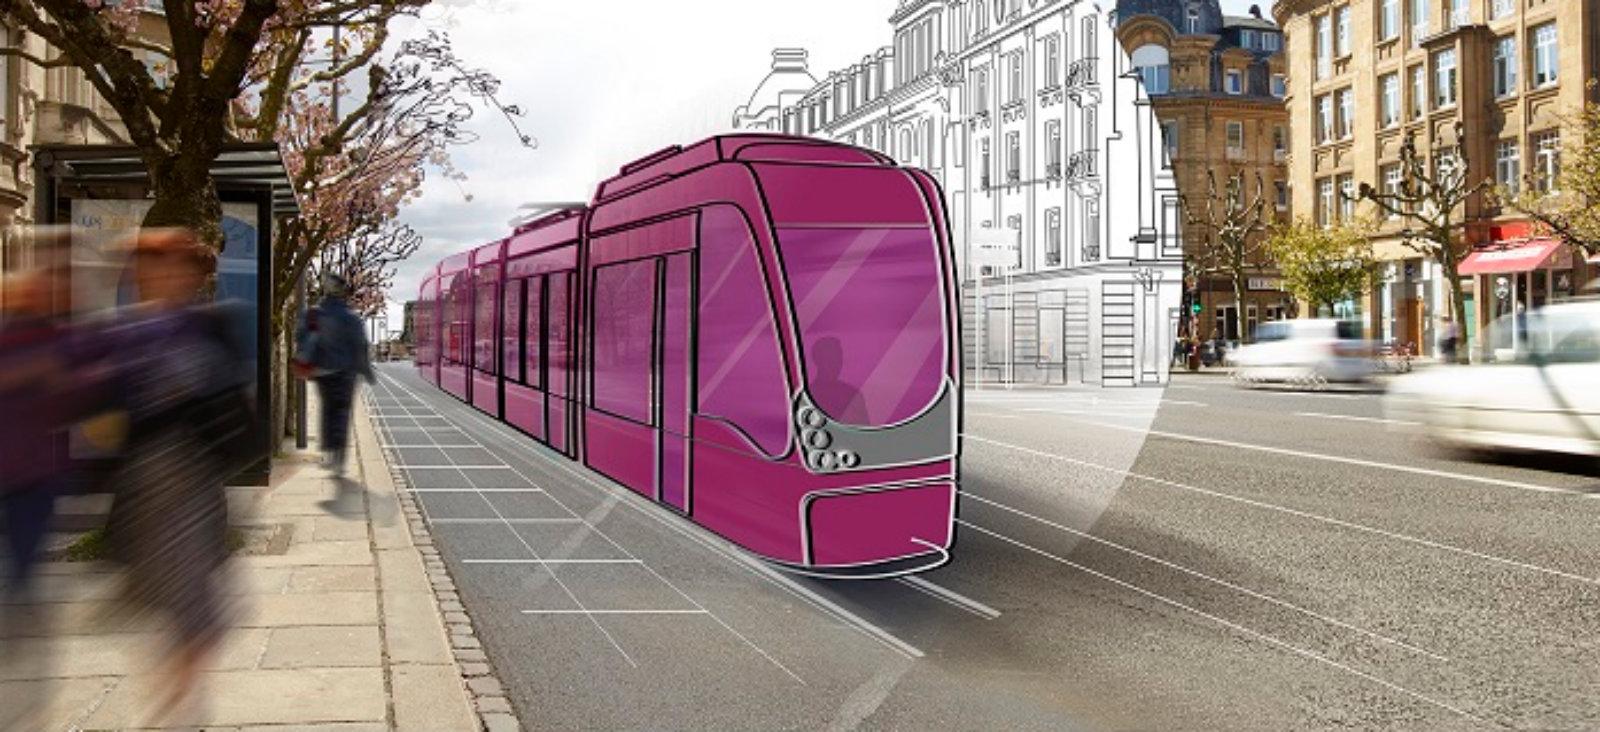 Le constructeur espagnol CAF a été choisi pour construire le Tram de Luxembourg